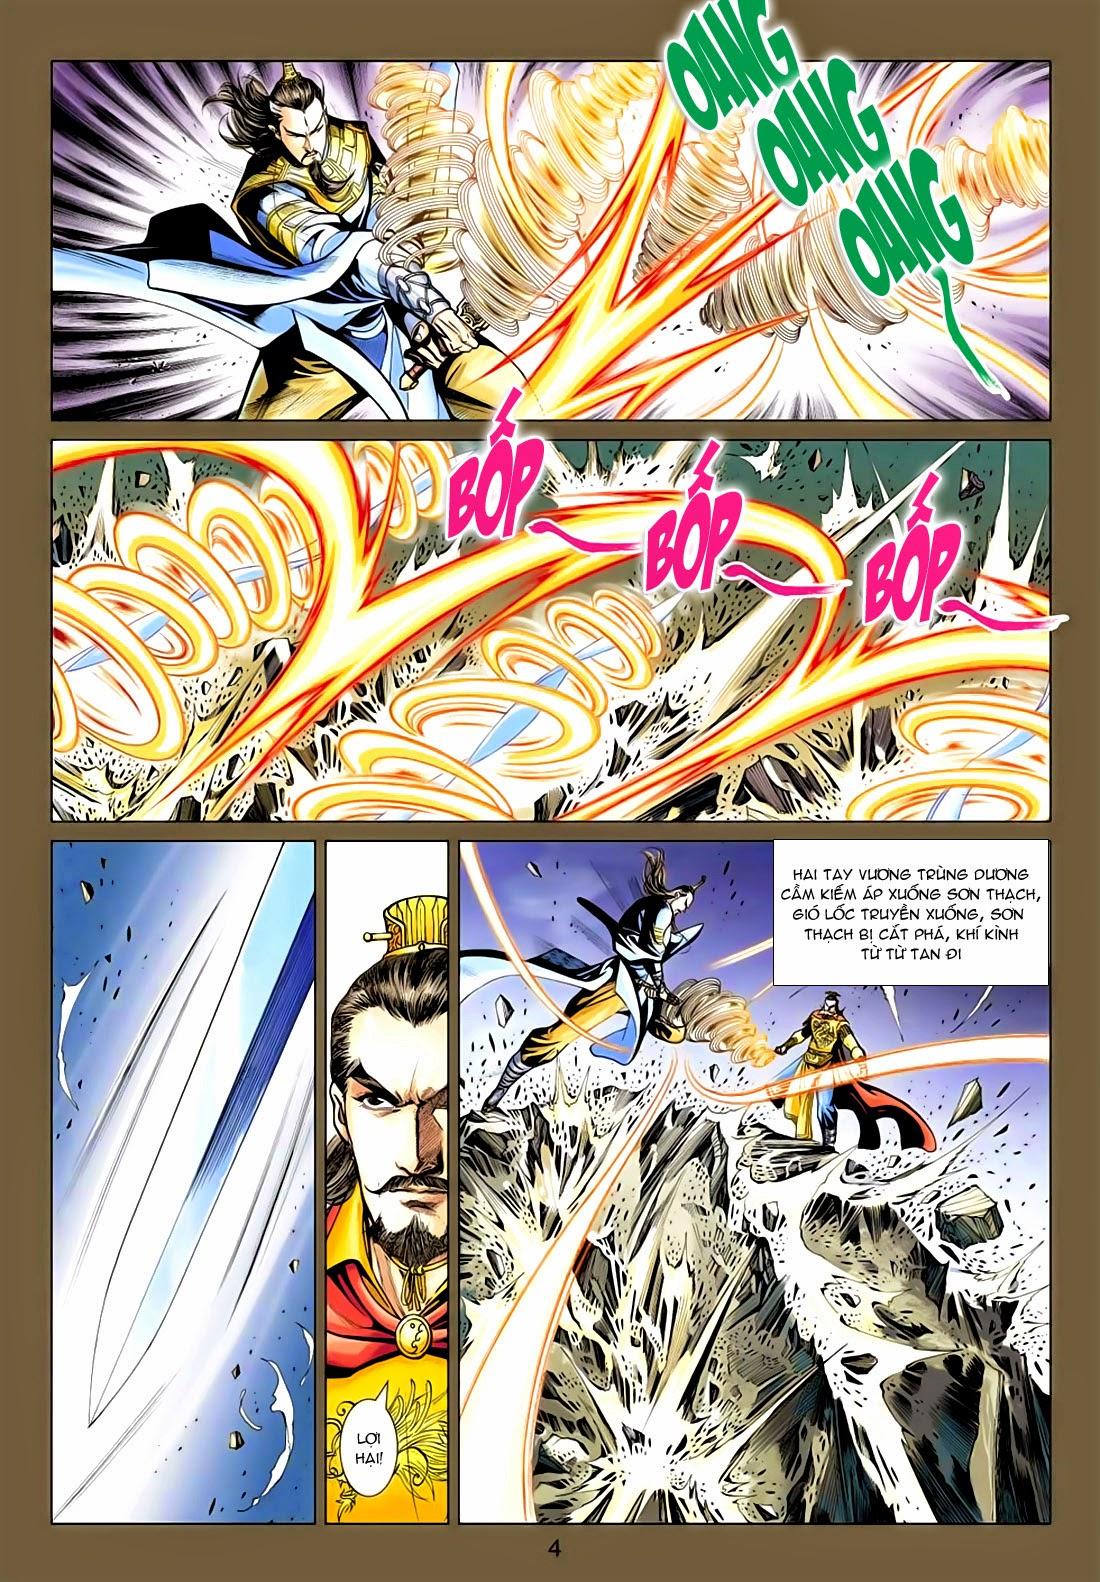 Anh Hùng Xạ Điêu anh hùng xạ đêu chap 77: thế thượng tối cường võ công trang 4